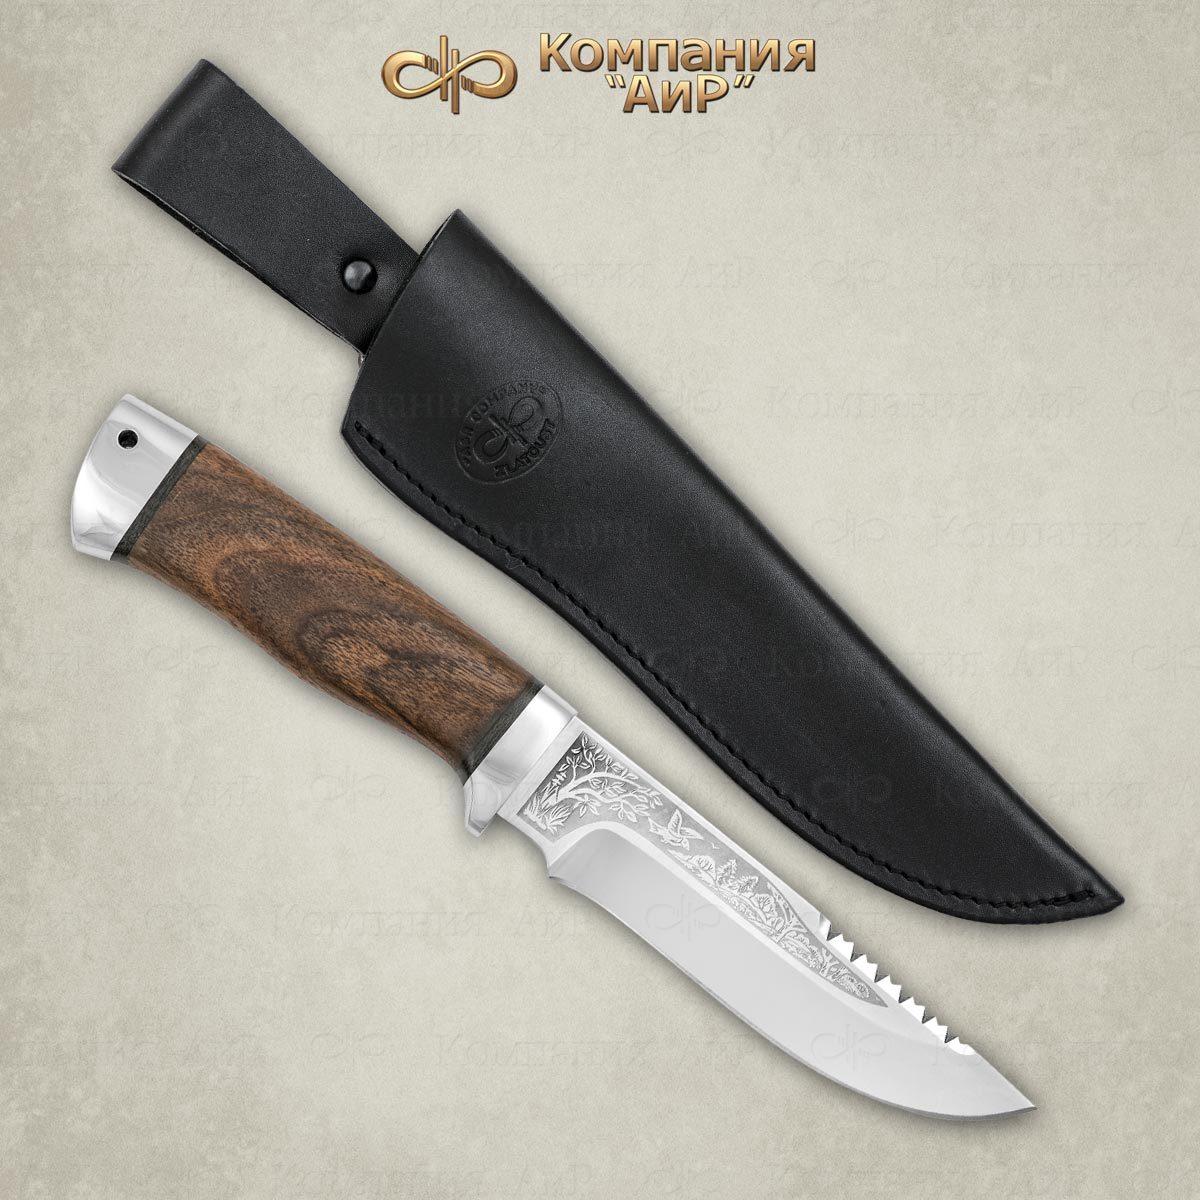 Нож АиР Стрелец, сталь ЭП-766, рукоять дерево фото